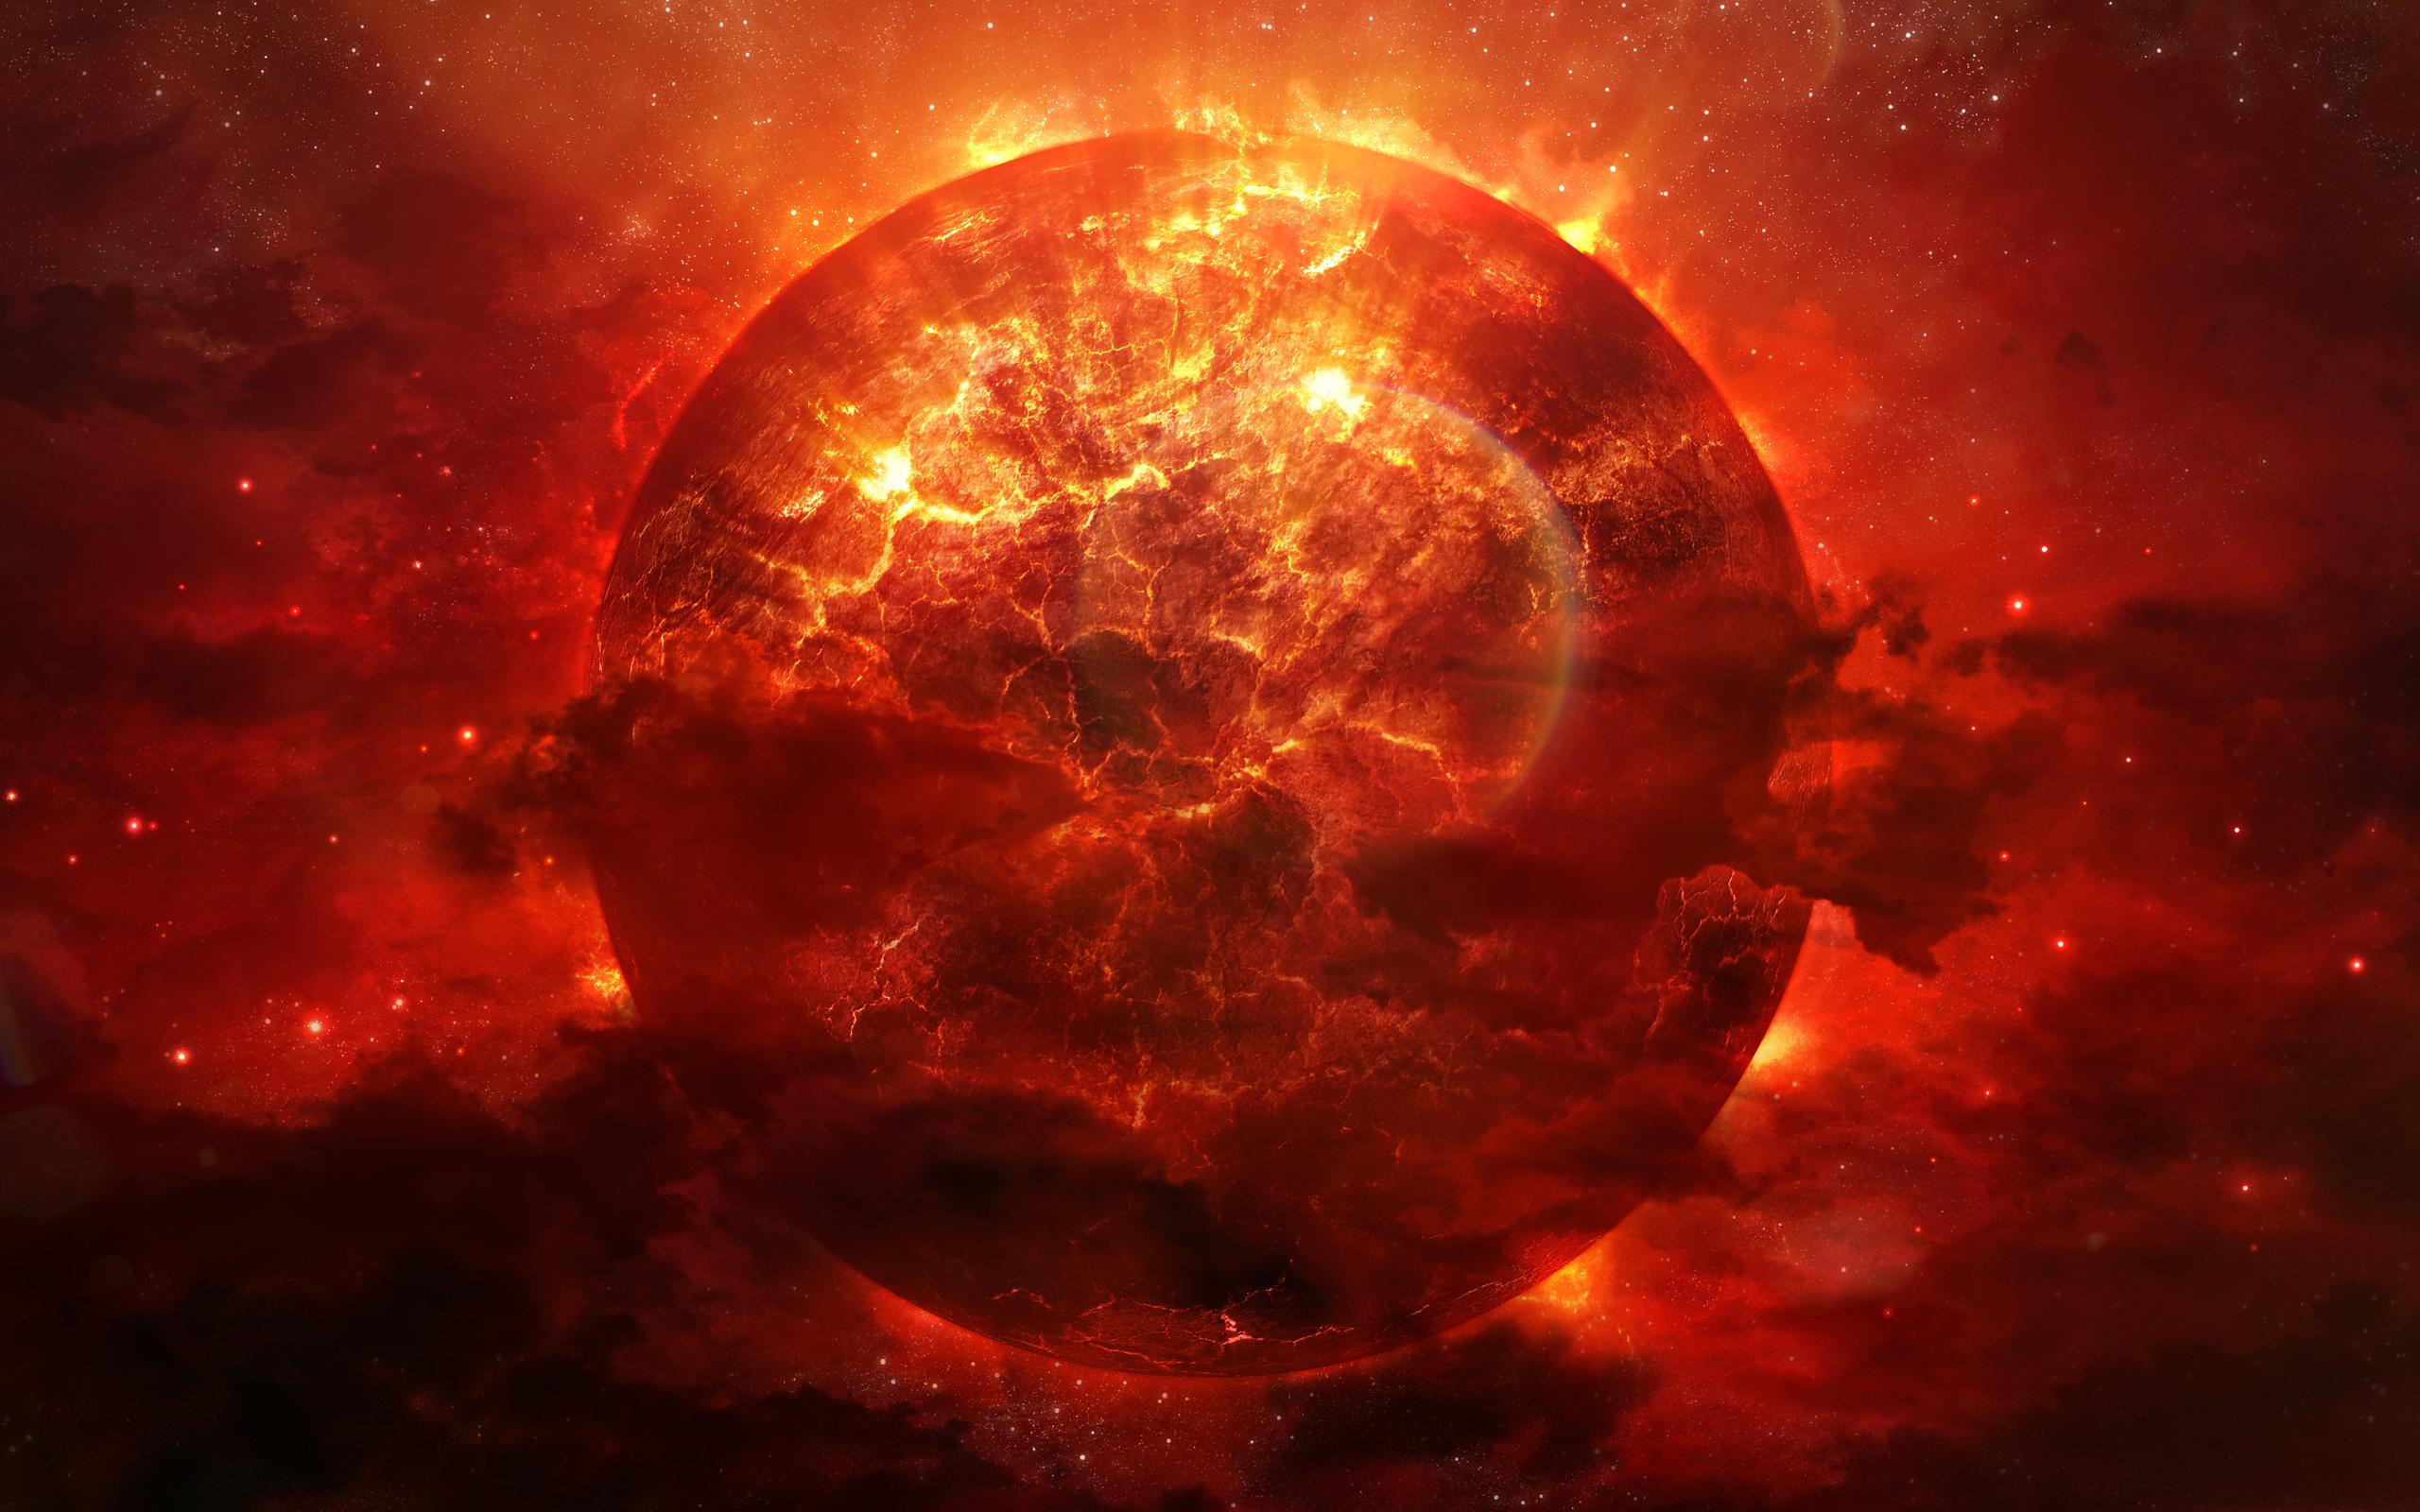 Обои огненная планета картинки на рабочий стол на тему Космос - скачать  № 433774  скачать